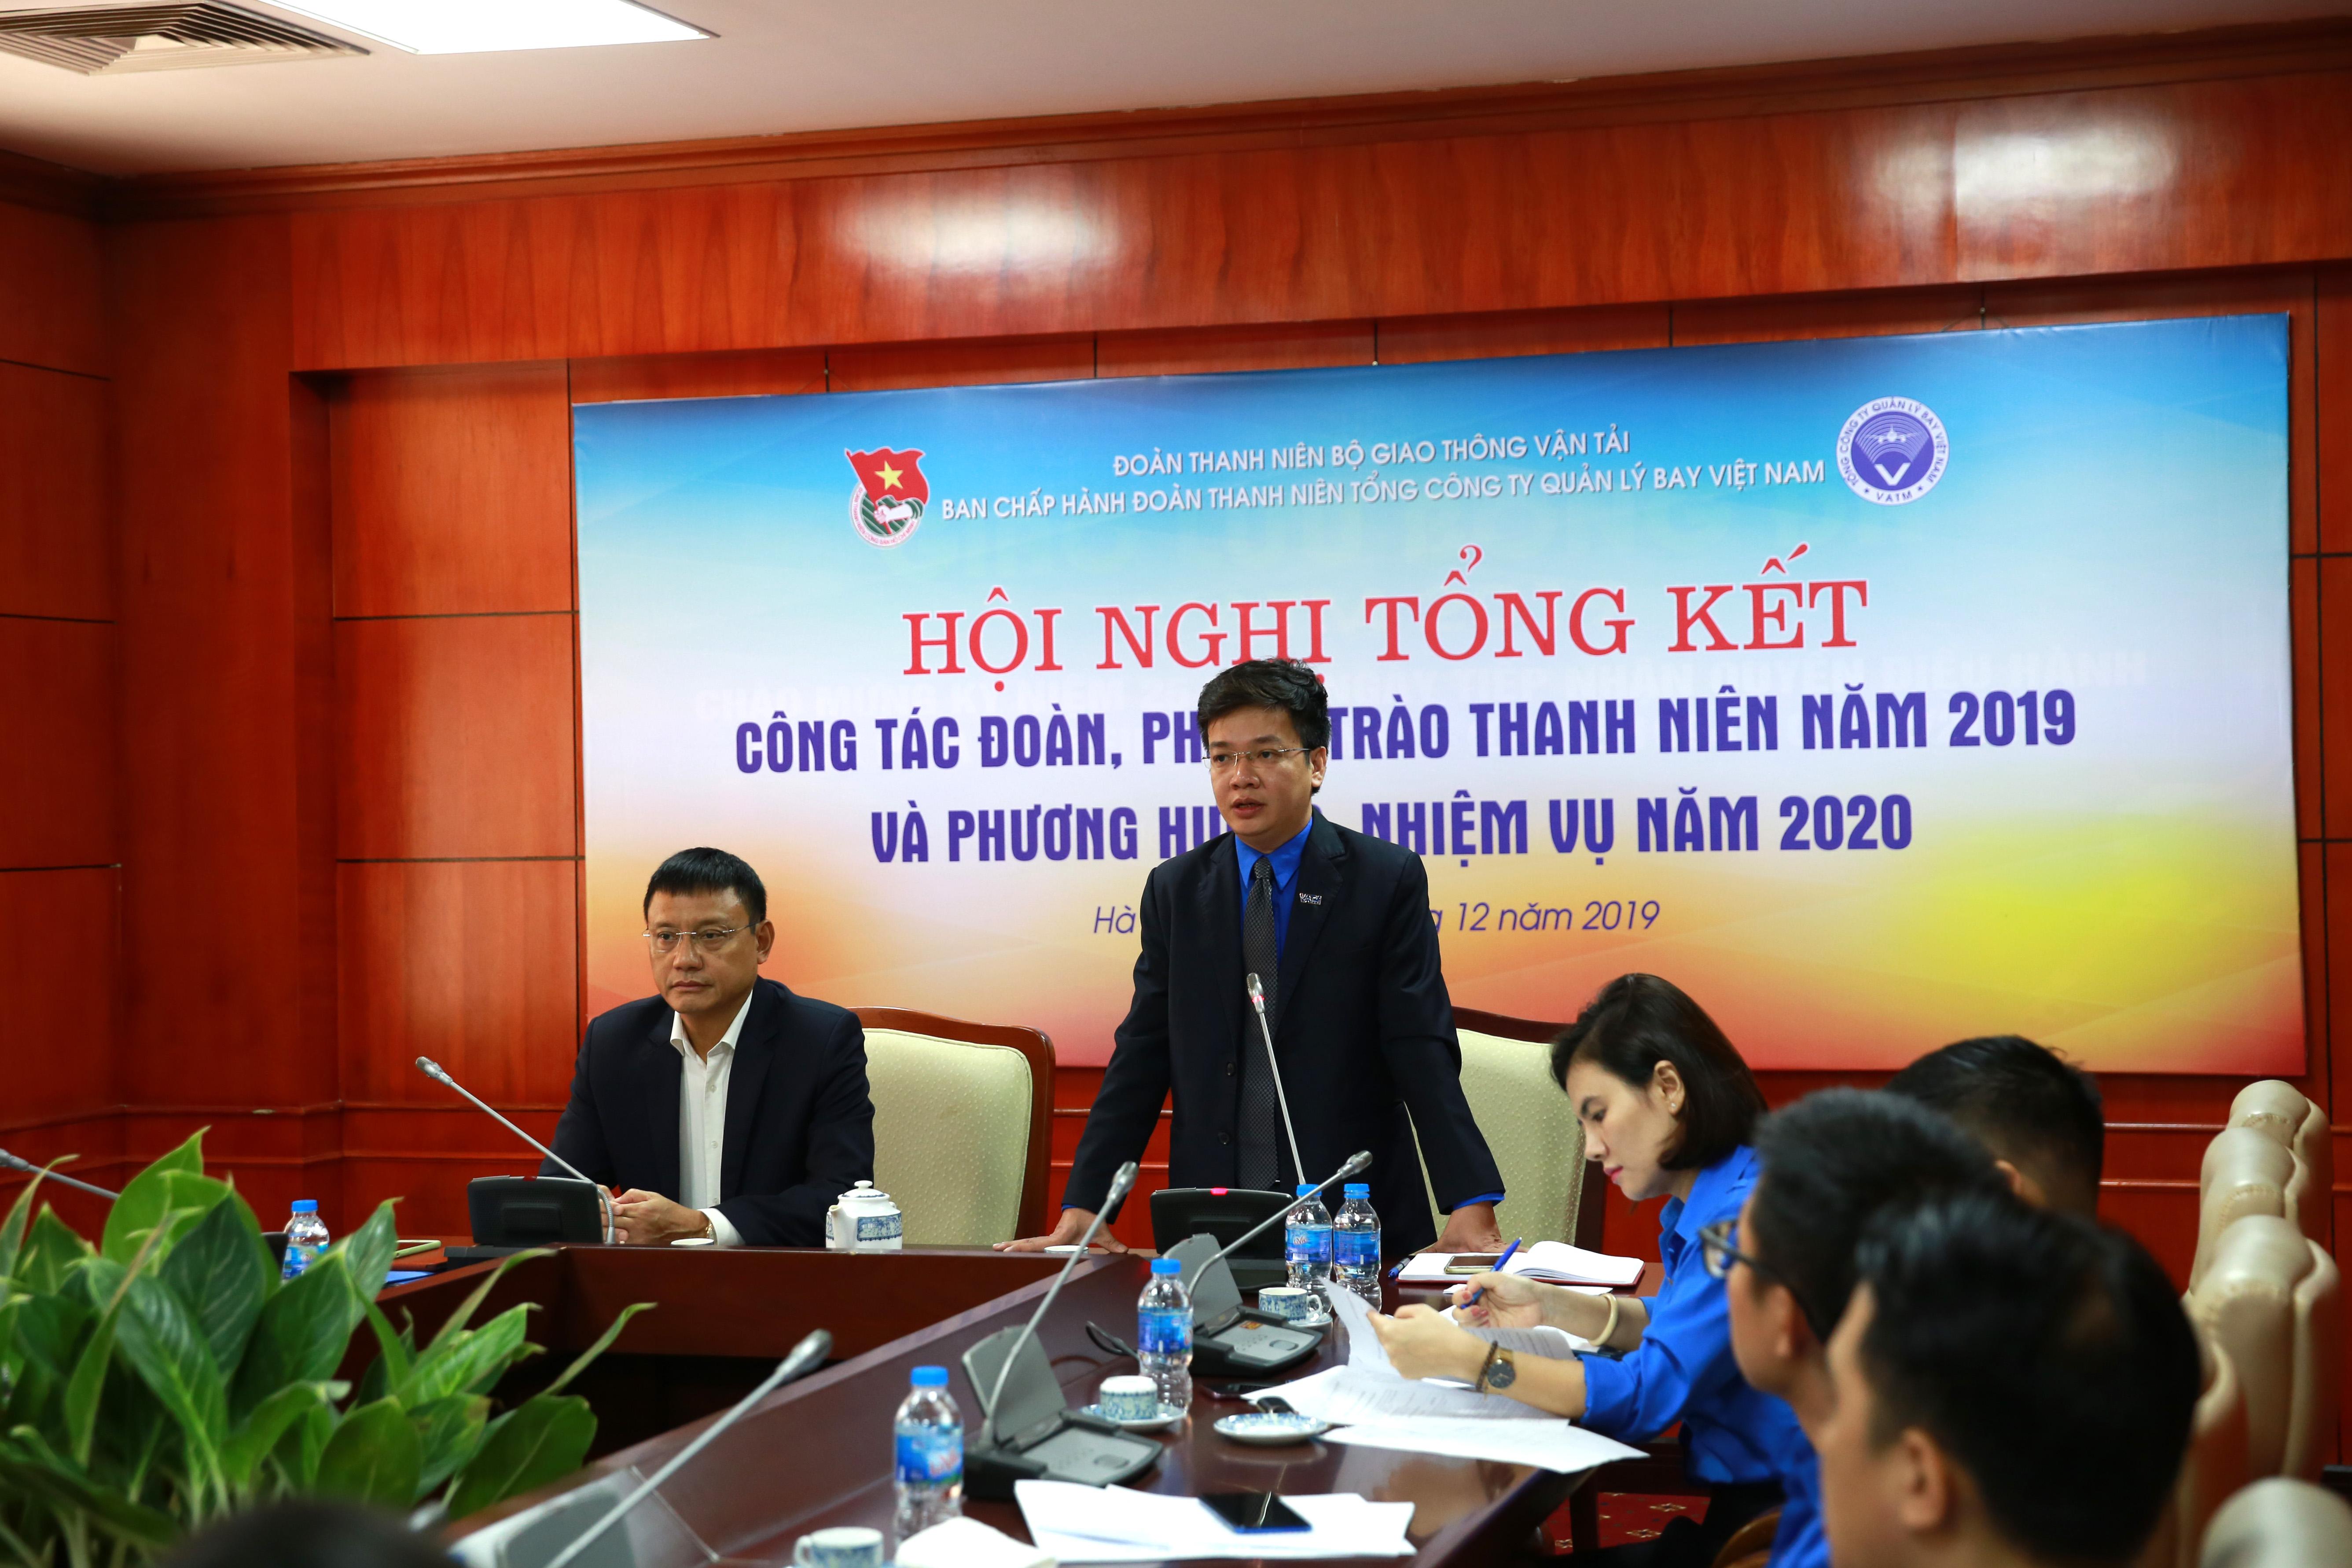 Hội nghị Tổng kết Công tác Đoàn năm 2019 và triển khai nhiệm vụ kế hoạch năm 2020